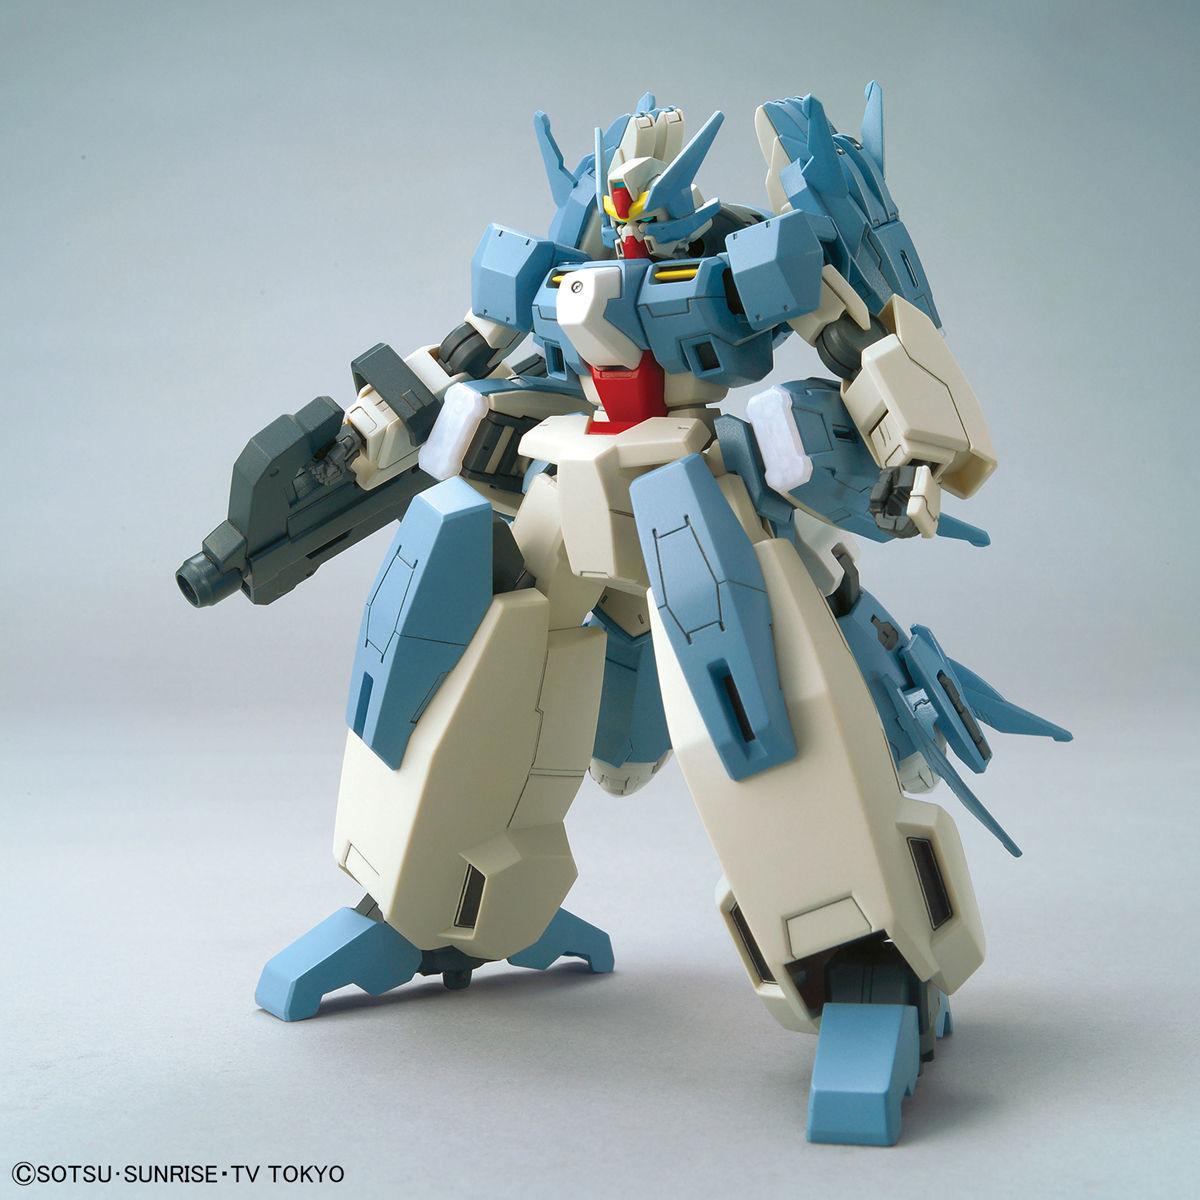 HGBD 1/144 Seravee Gundam Scheherazade - Model Kit image